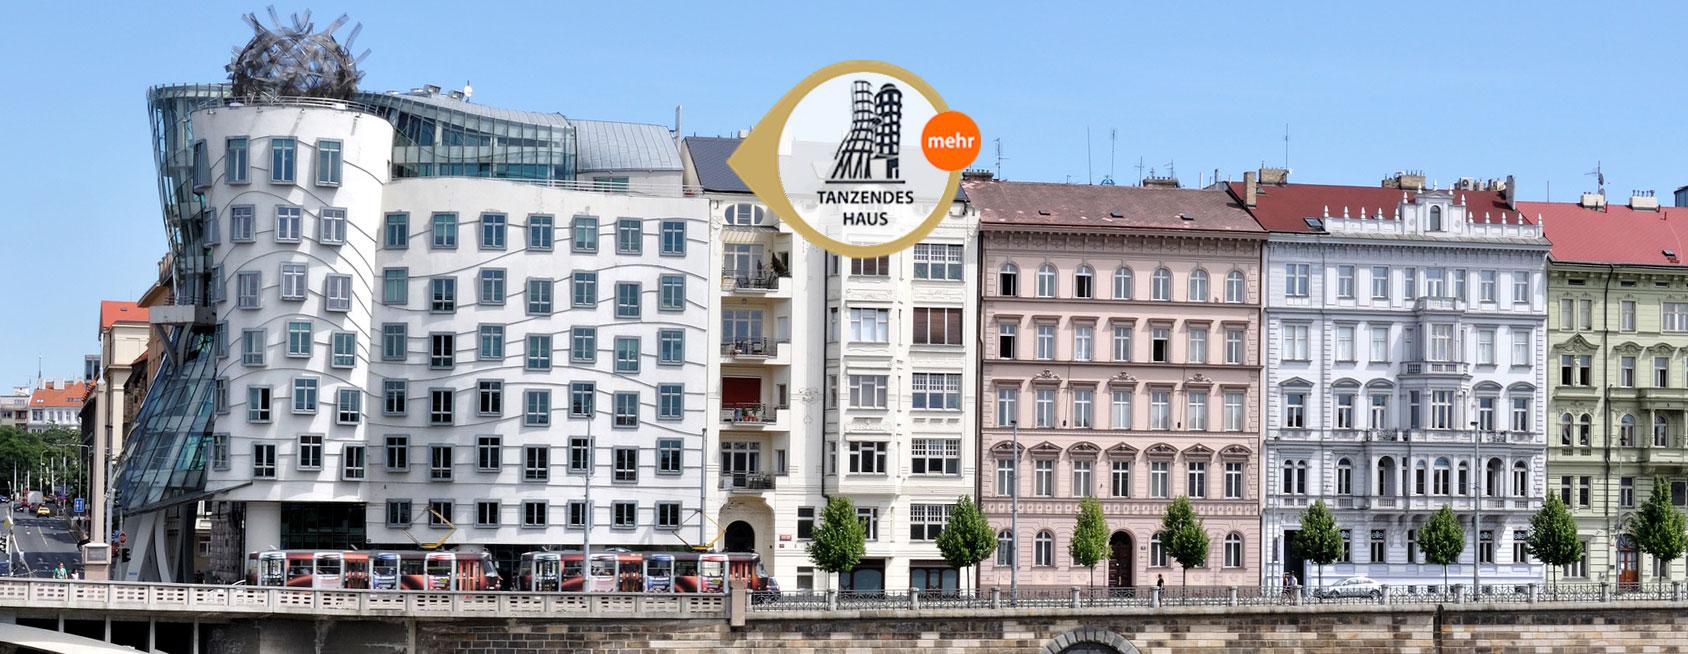 Tanzende-Haus-Prag